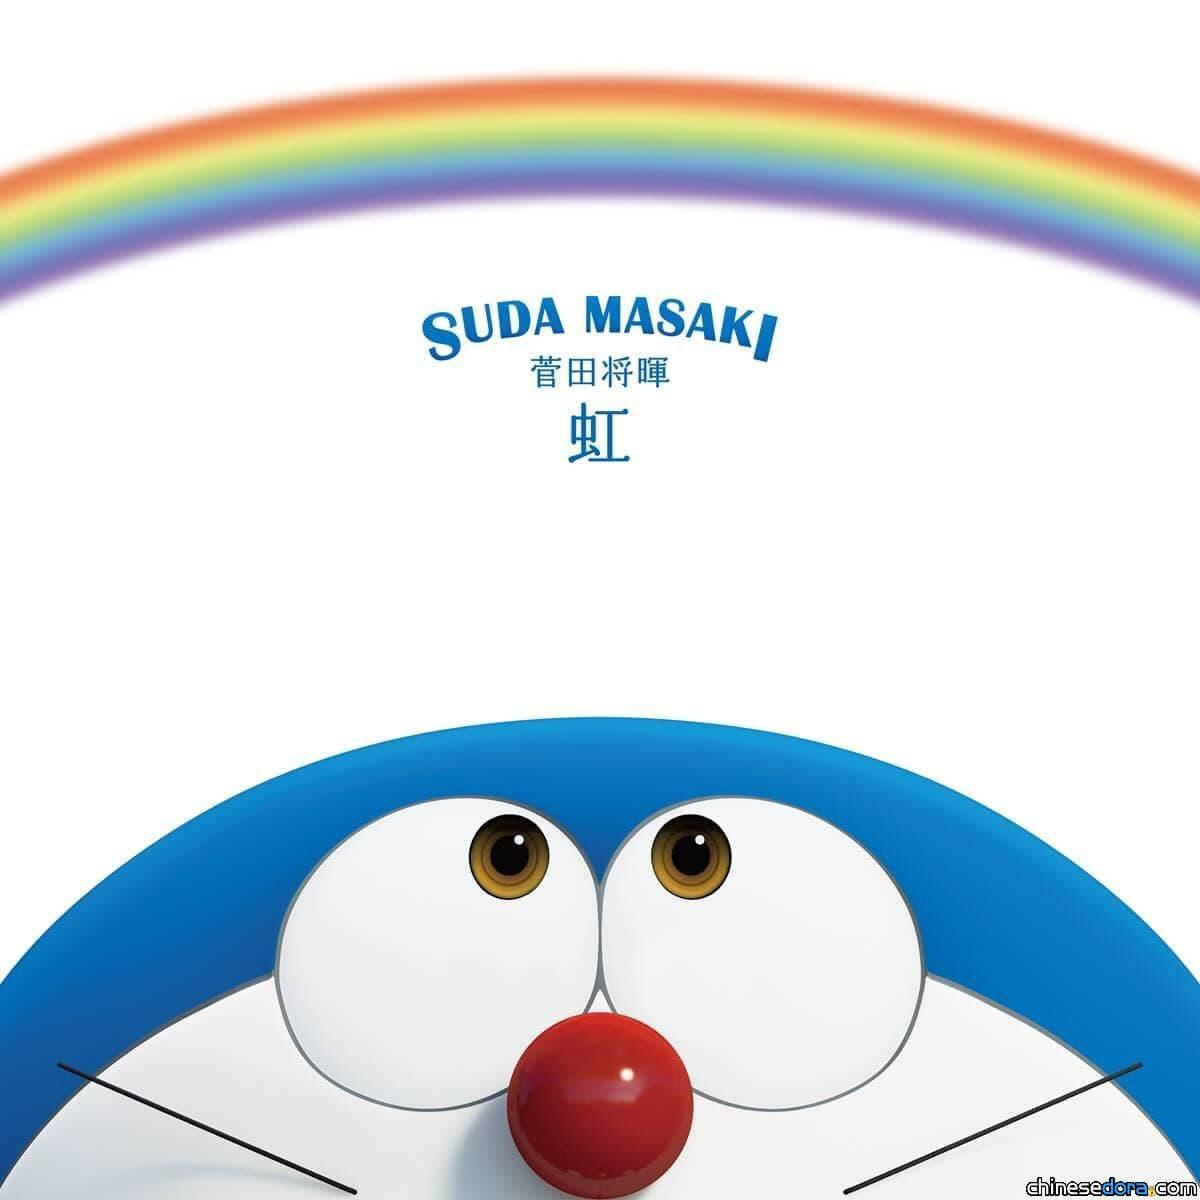 [日本] 《STAND BY ME 哆啦A夢 2》主題曲〈虹〉 日本BillBoard動畫榜首週獲第4名